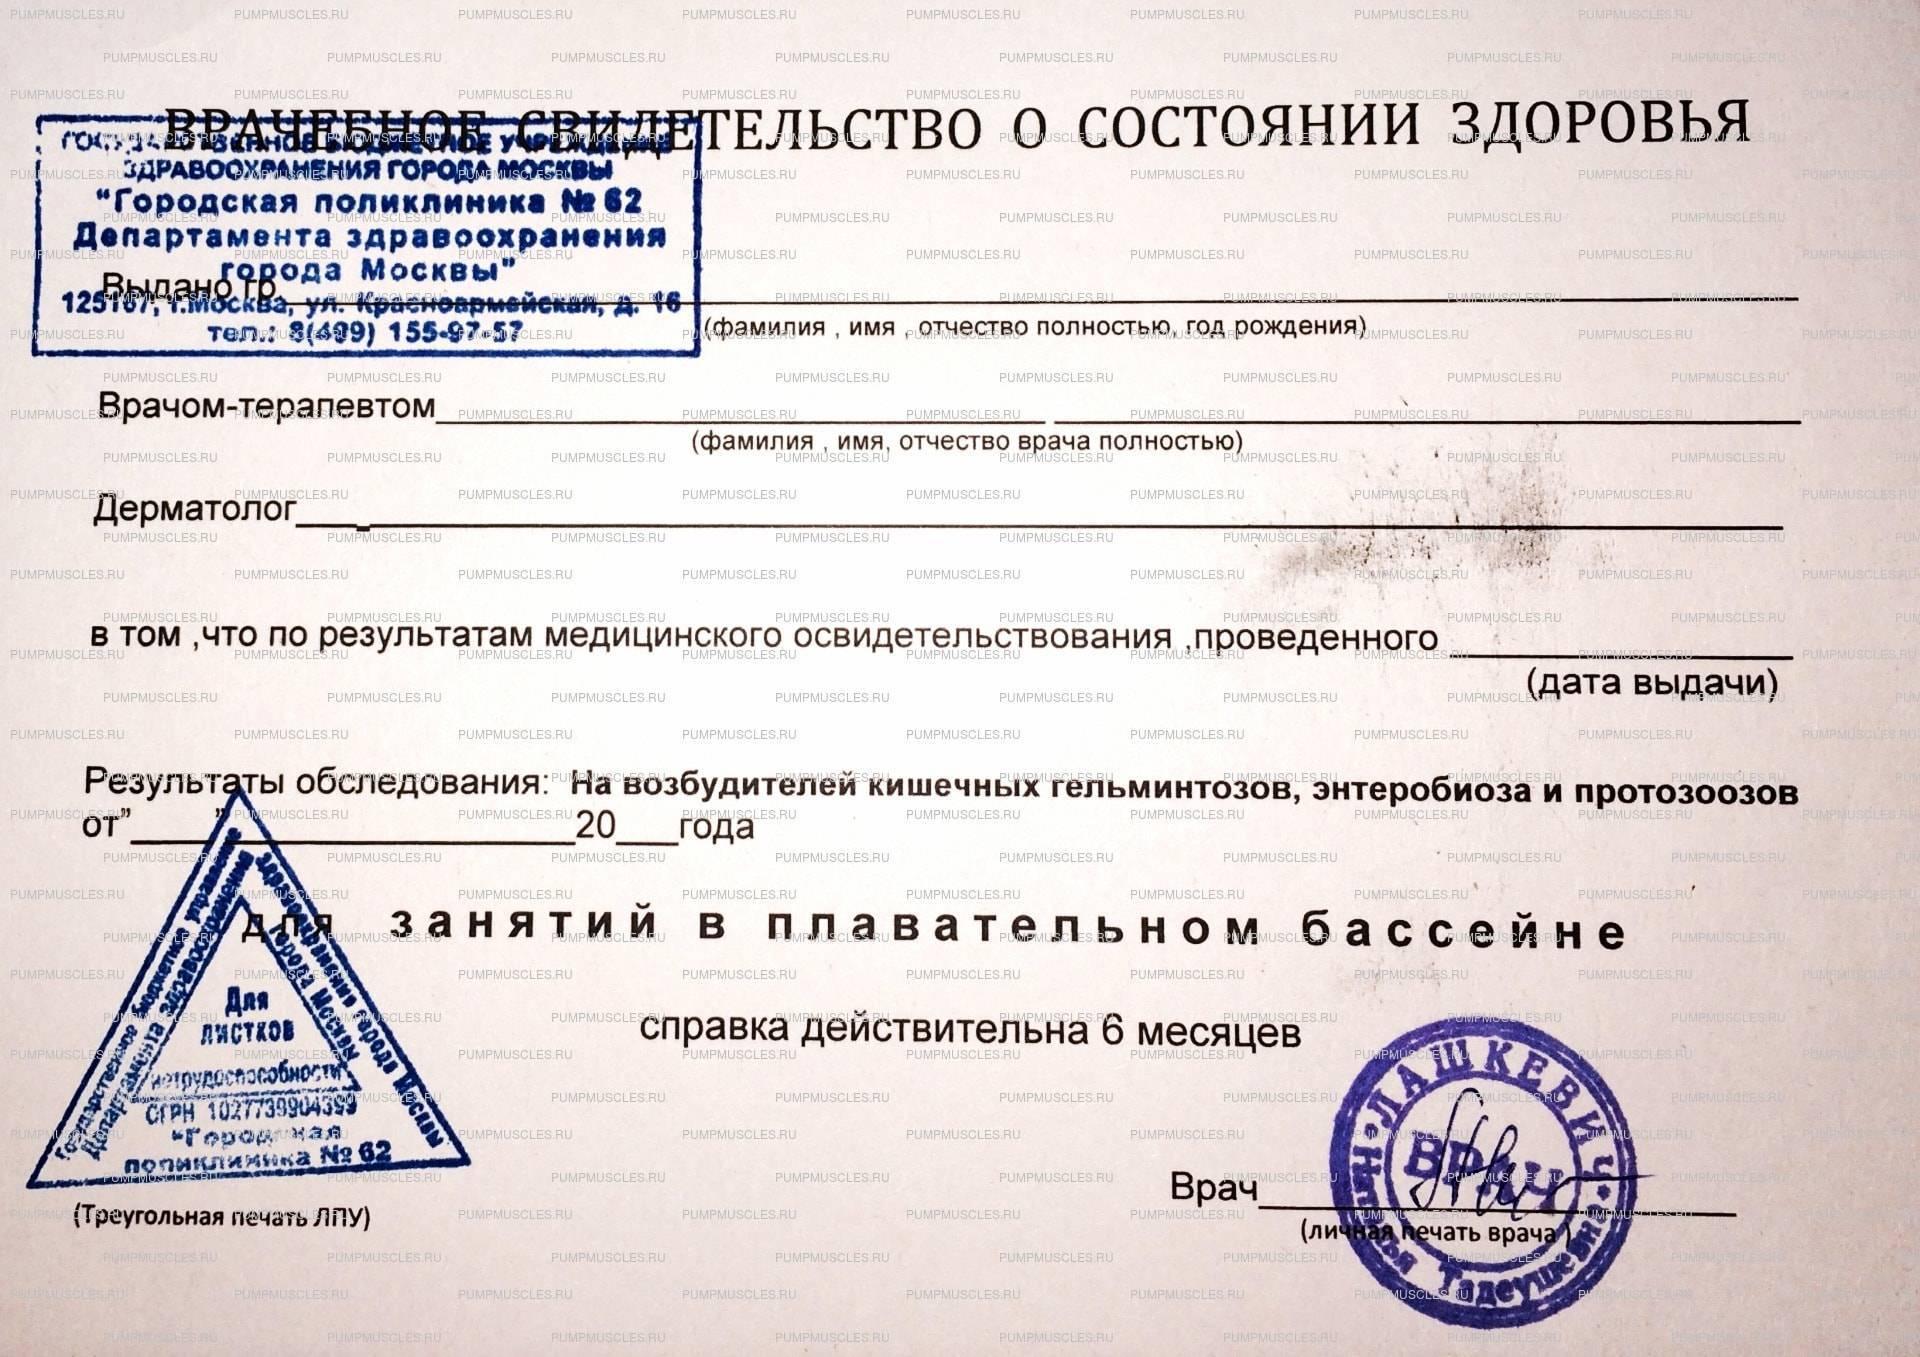 Освобождение от бассейна   справочник садовской